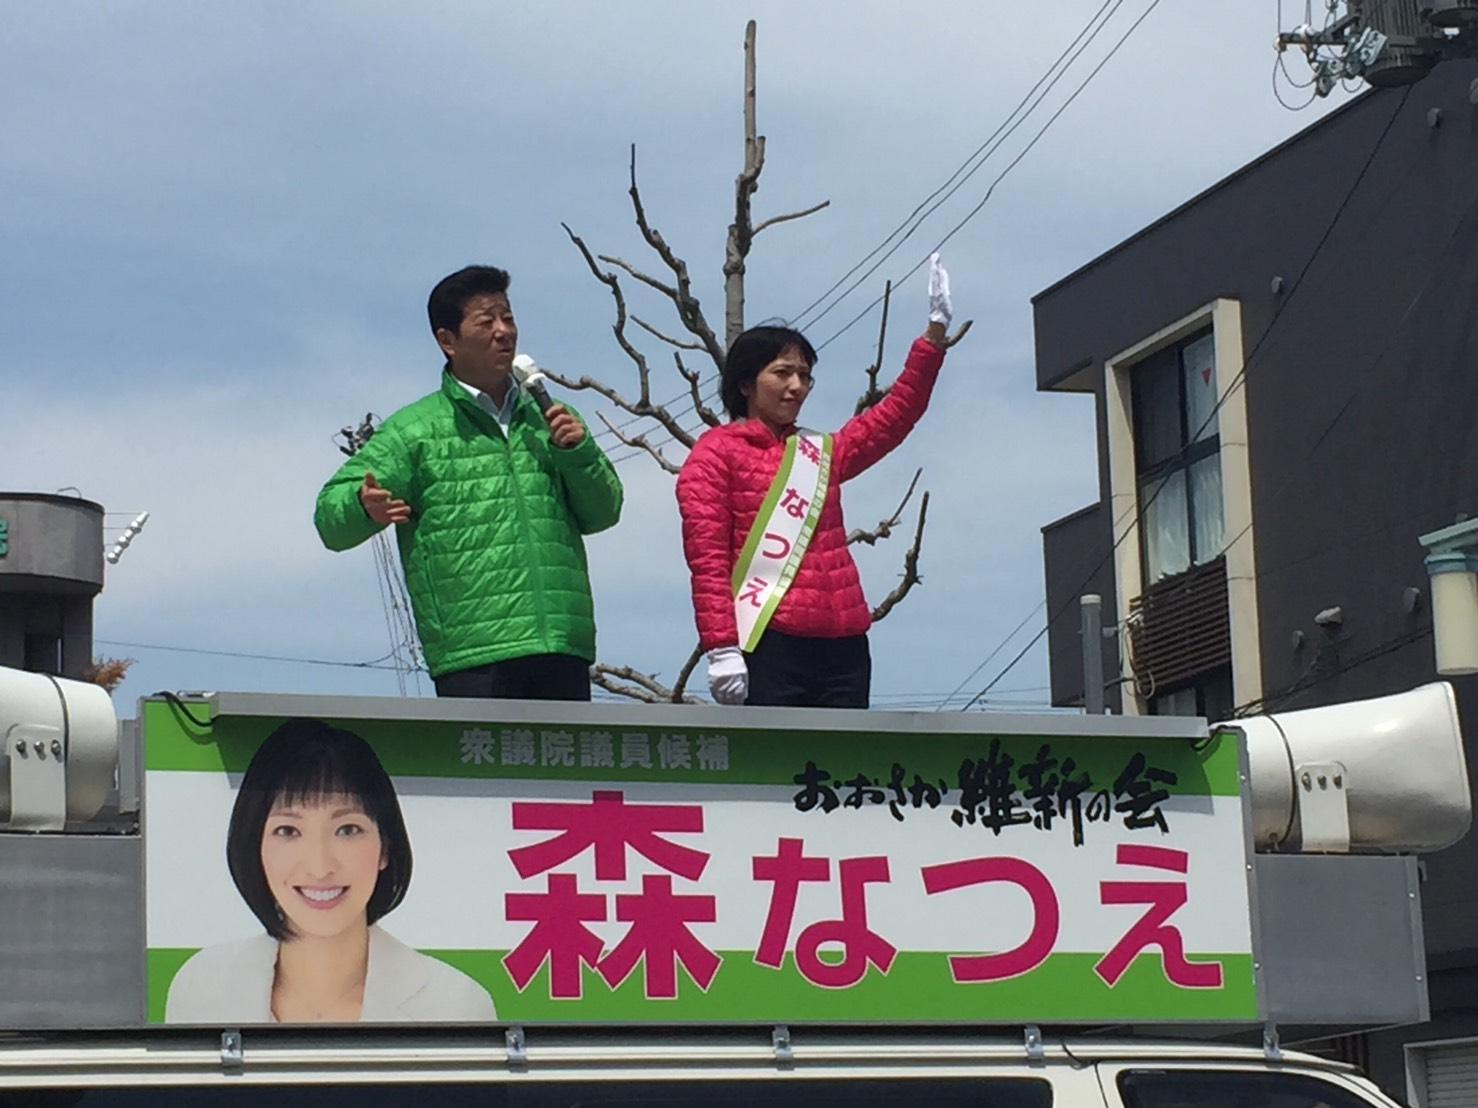 4月13日(水) 京都府第3区補欠選挙 公認候補者森なつえ 日程